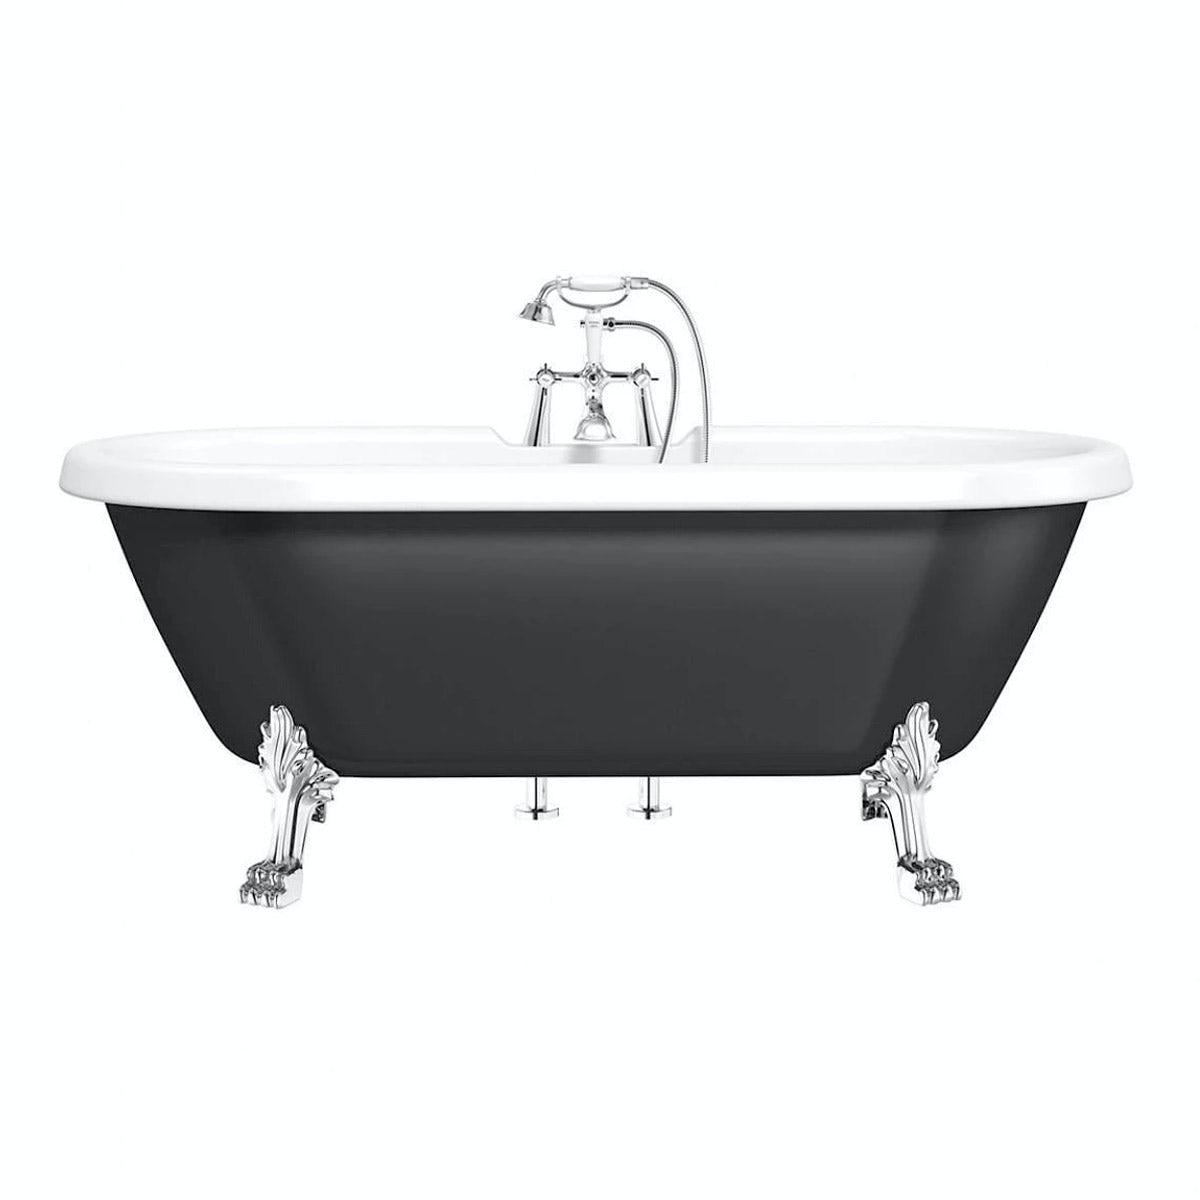 Dulwich Black Roll Top Bath with Dragon Feet